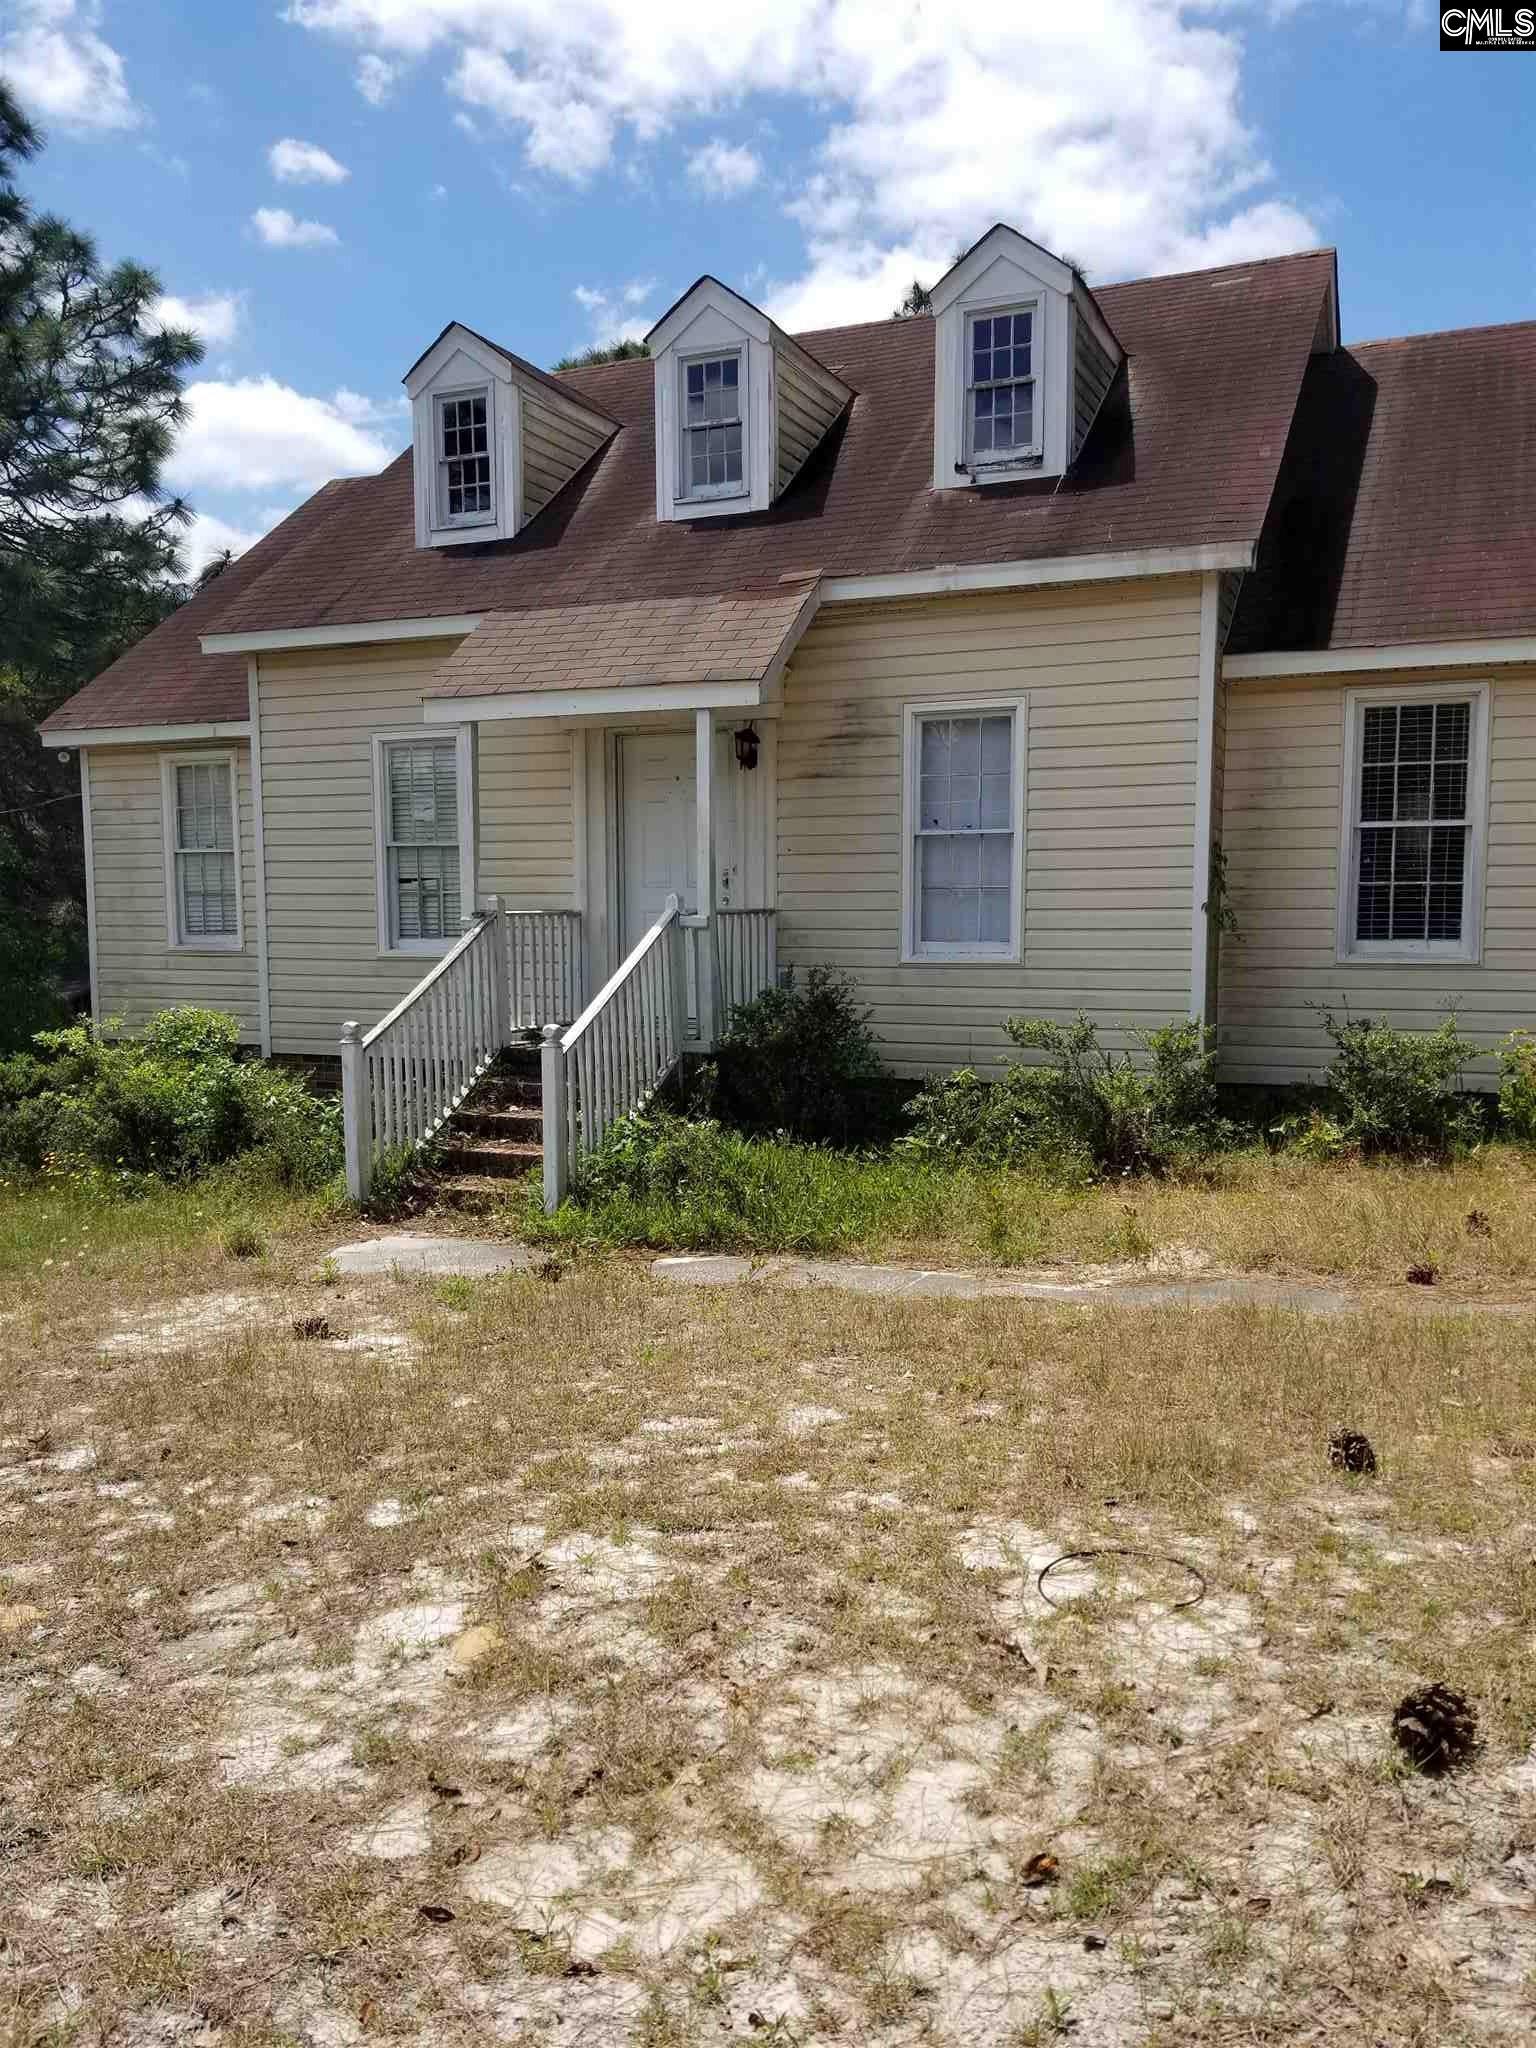 264 Casa Dell Gaston, SC 29053